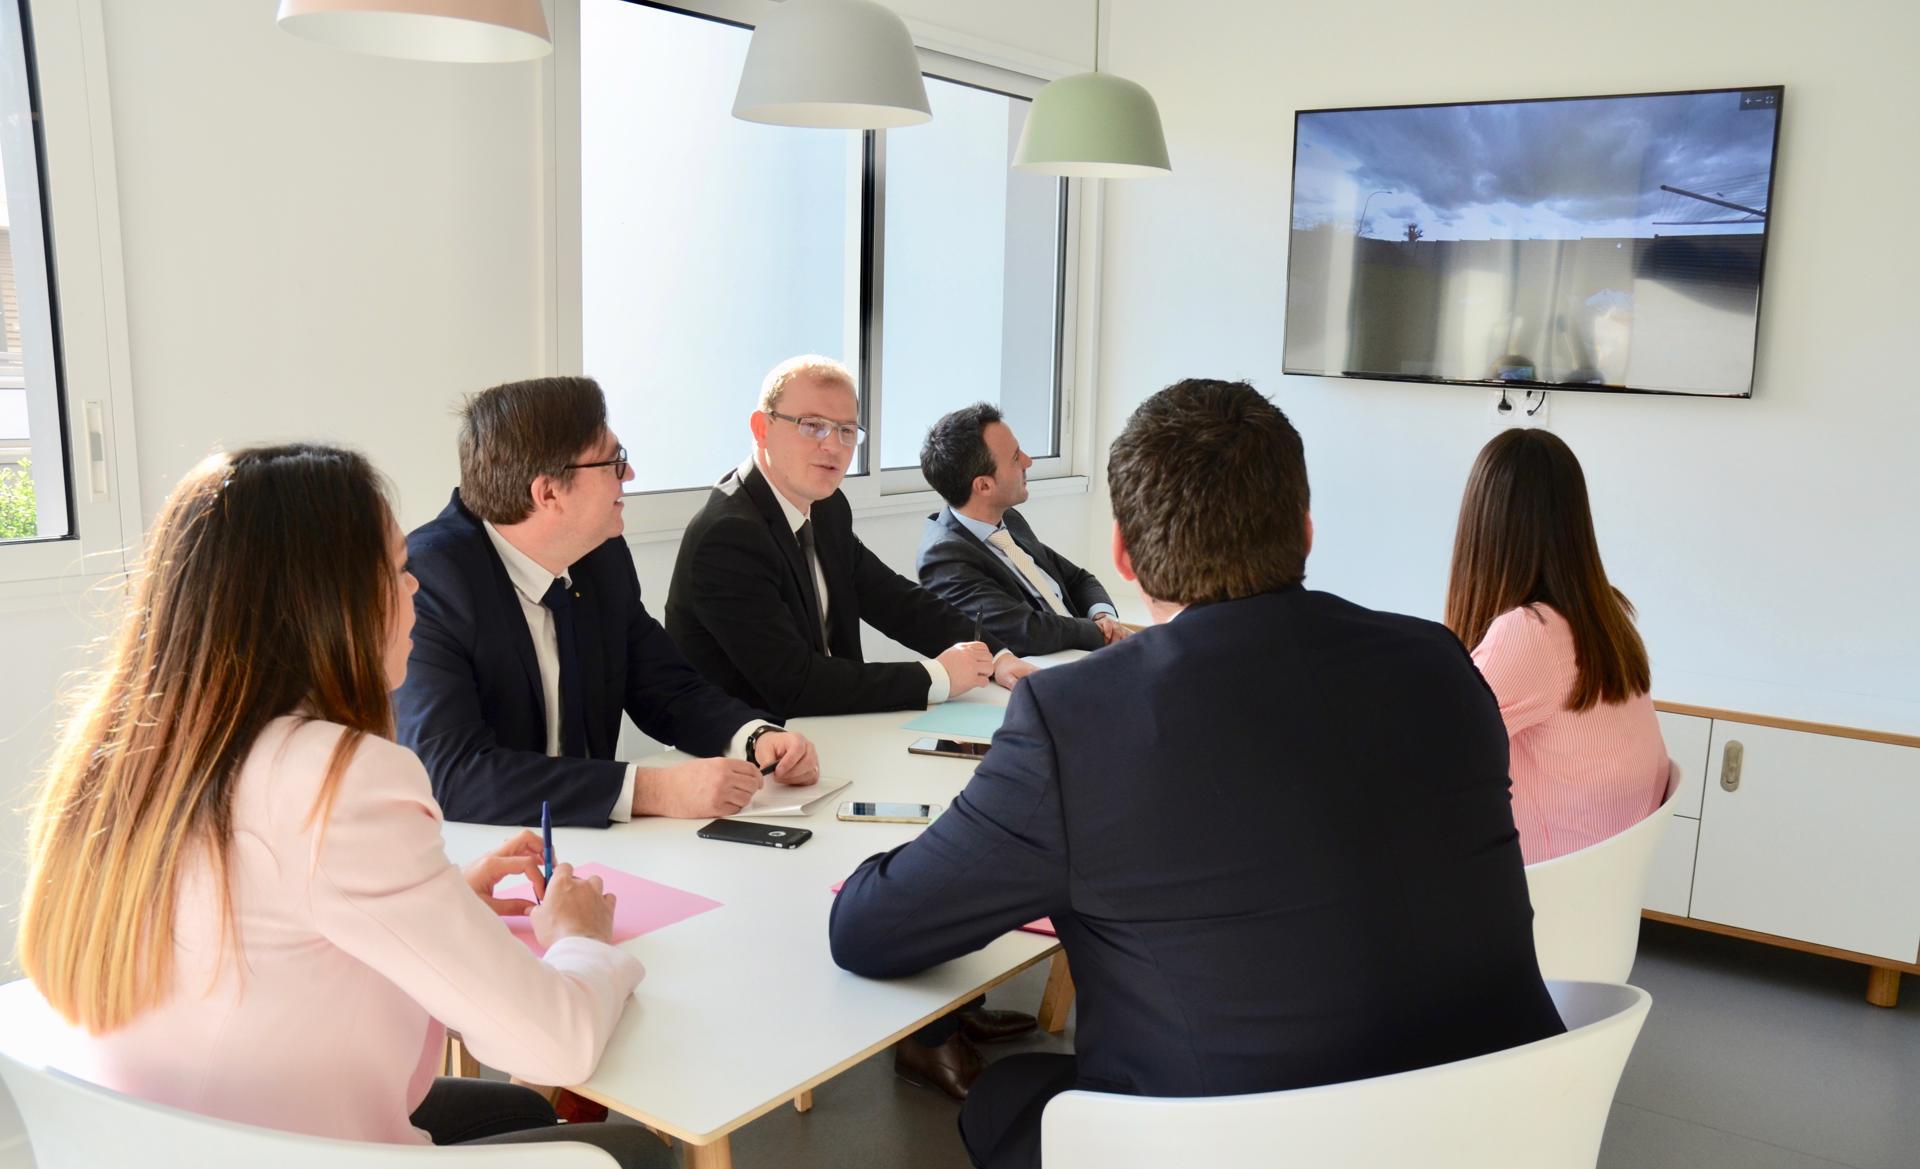 Offres ImmobilierToutes Blot Groupe Espace À Recrutement Les Pourvoir kiPXZu